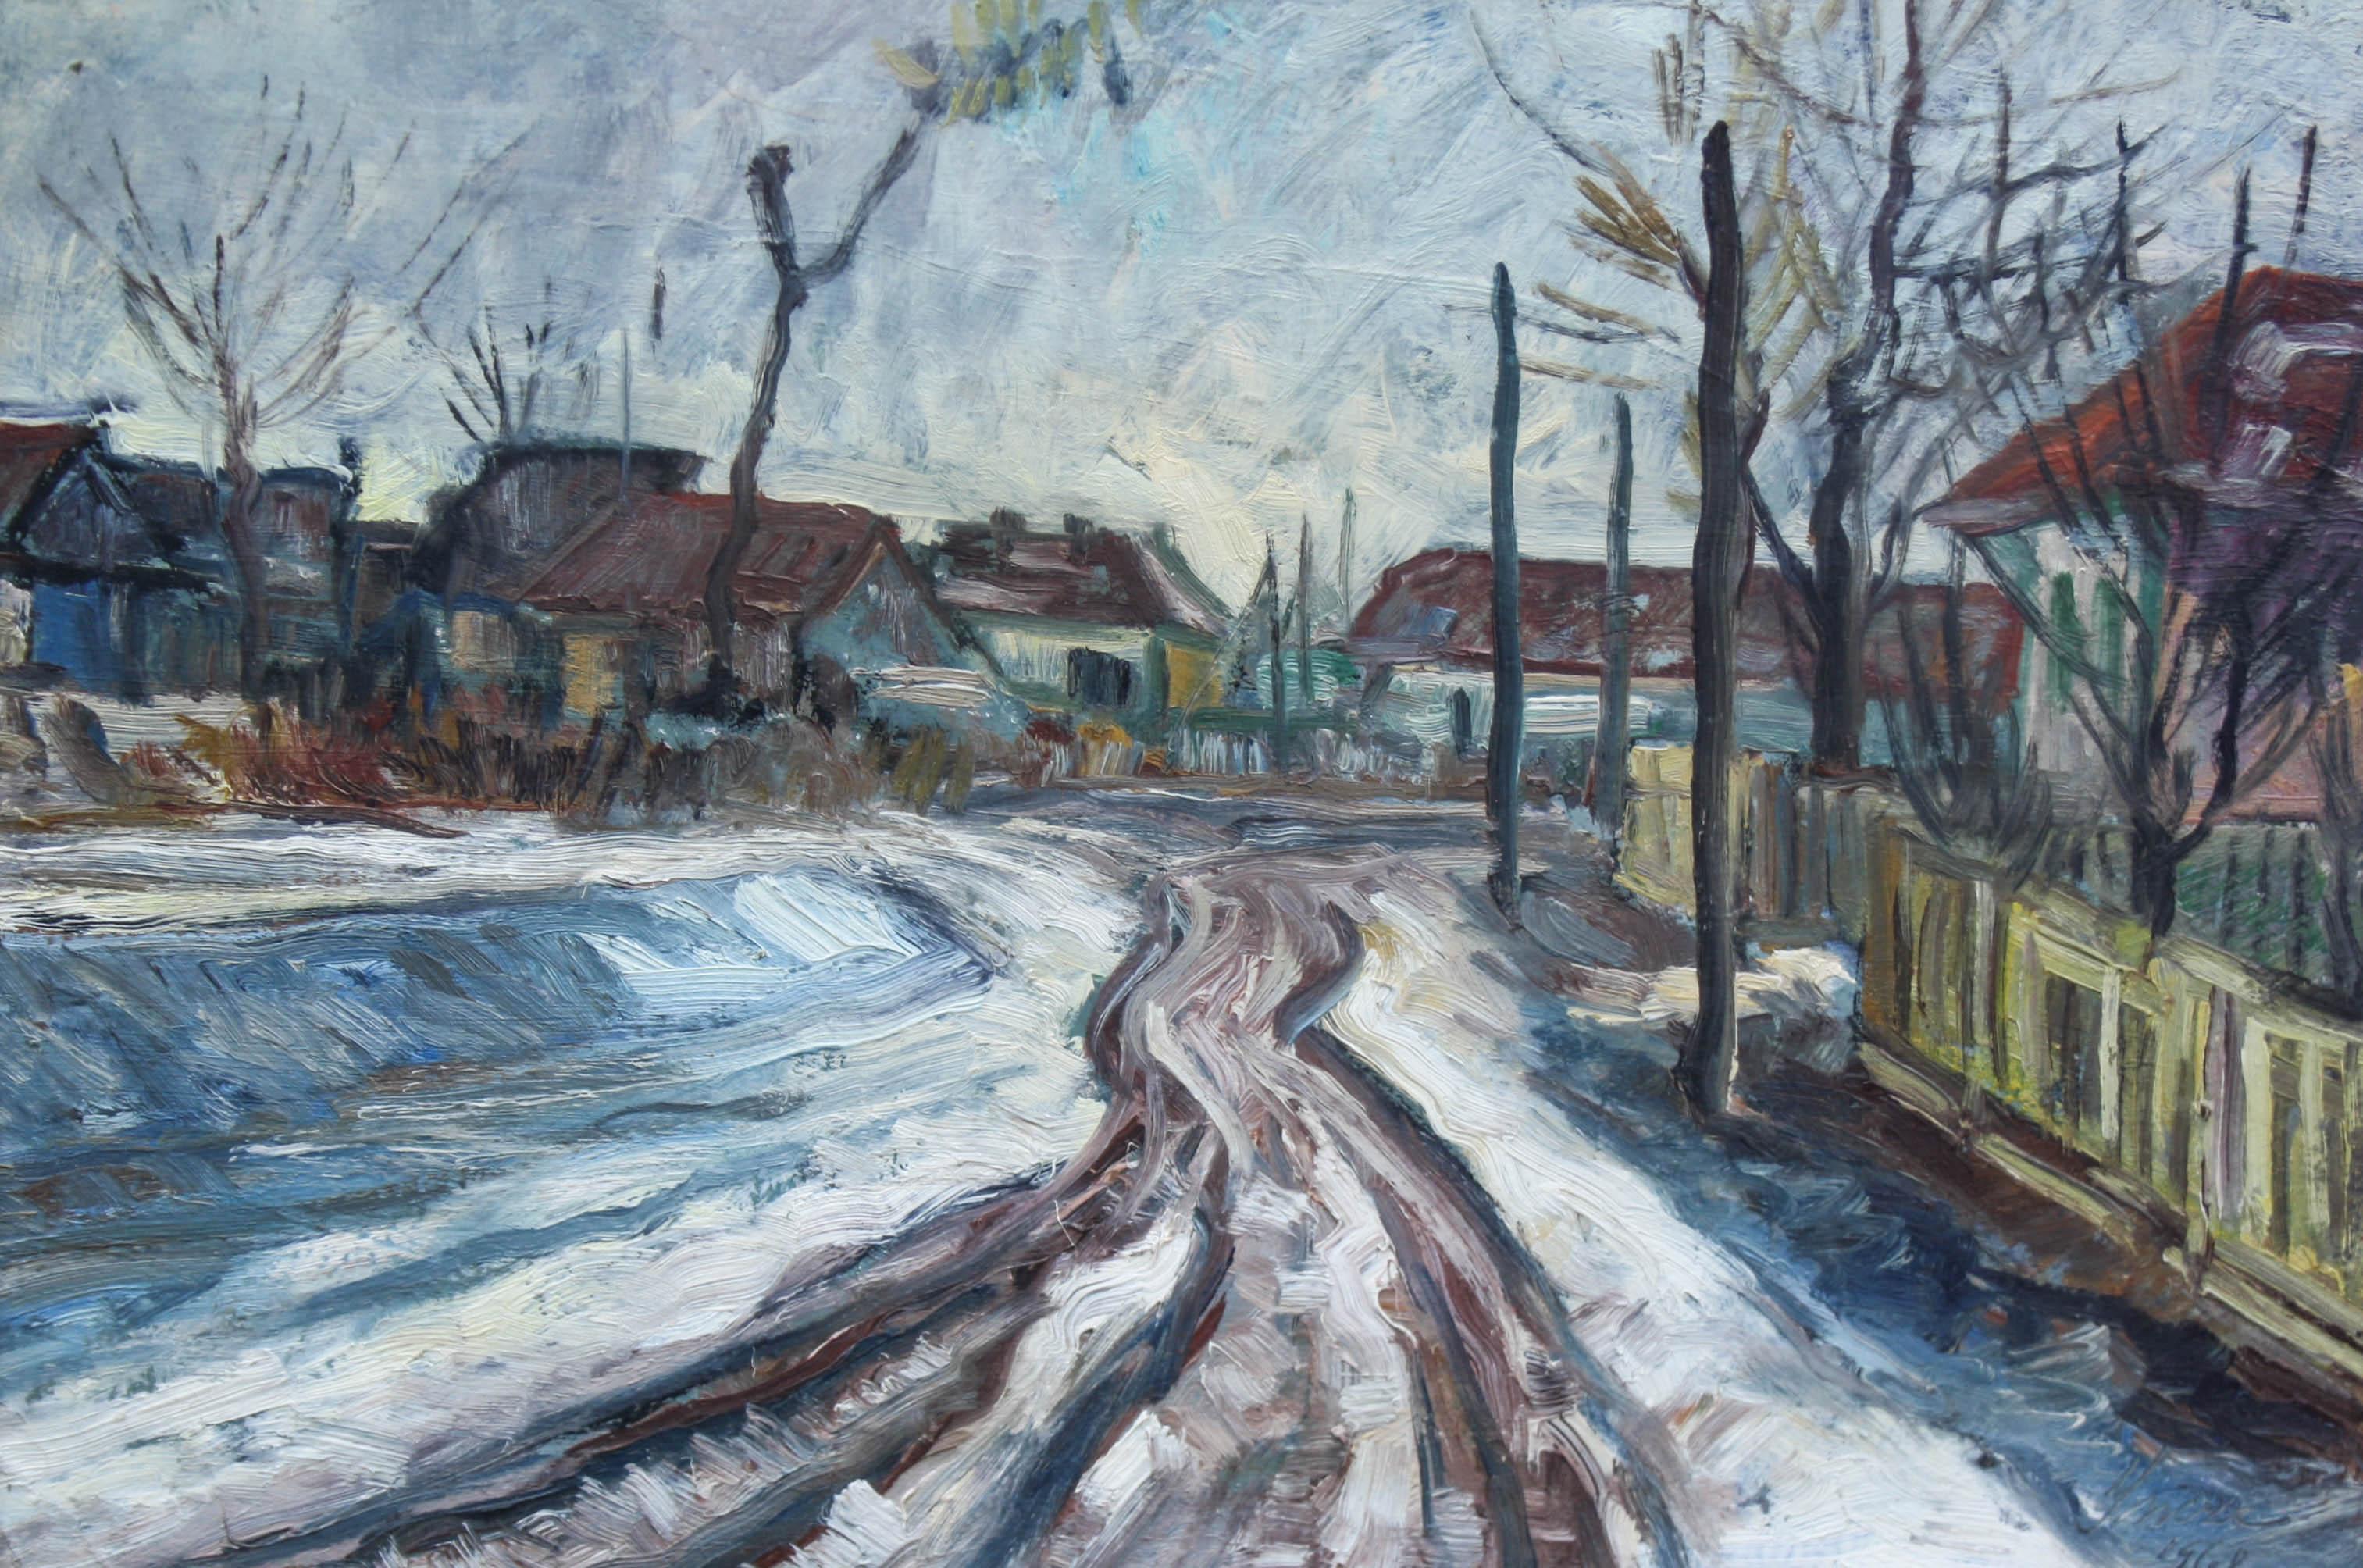 INCZE István, Peisaj de iarnă în Baia Mare, 1968